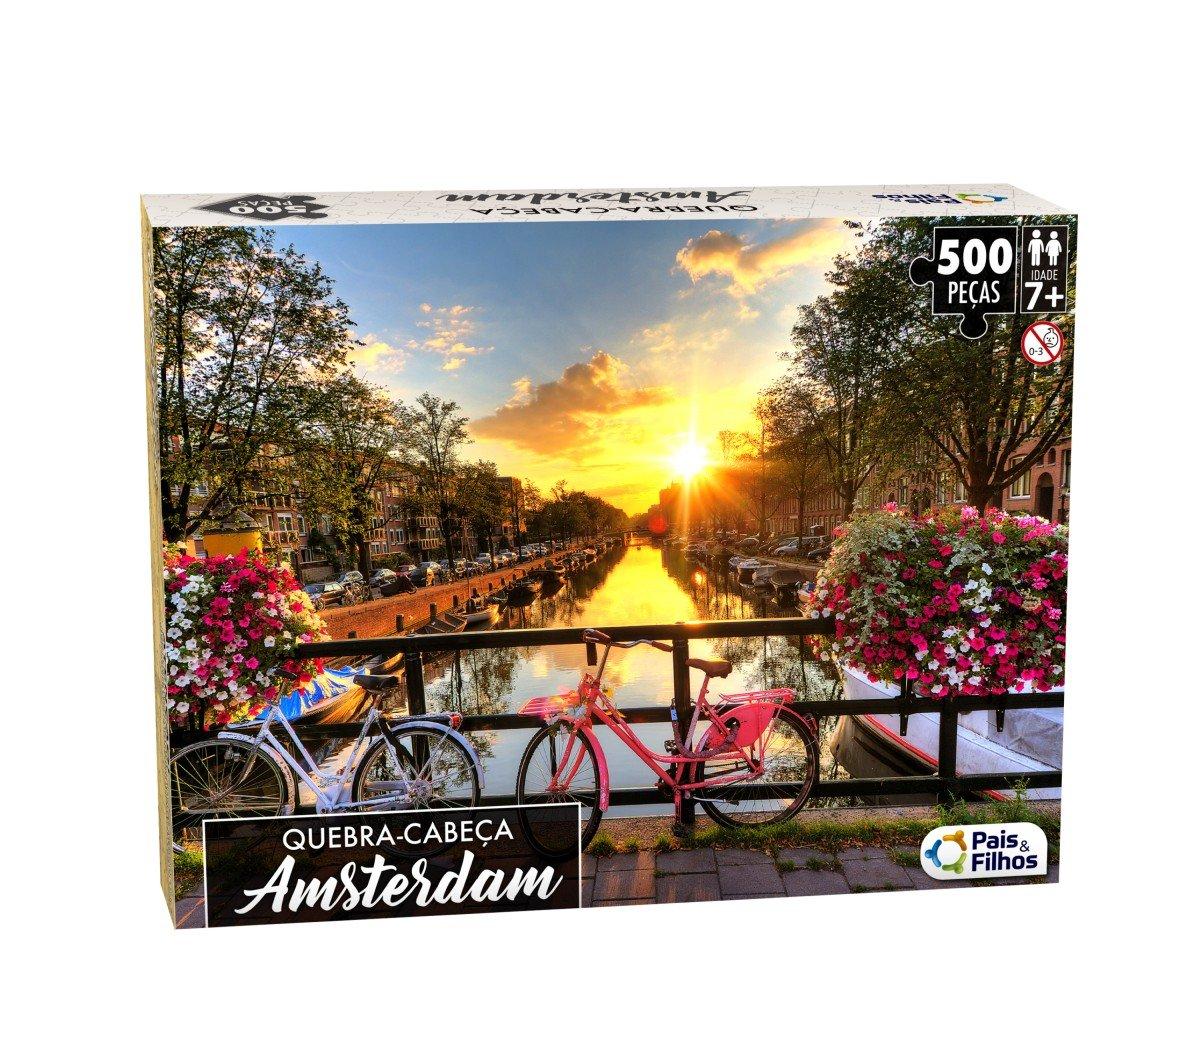 Quebra Cabeça Amsterdam 500 Peças - Pais E Filhos 0863